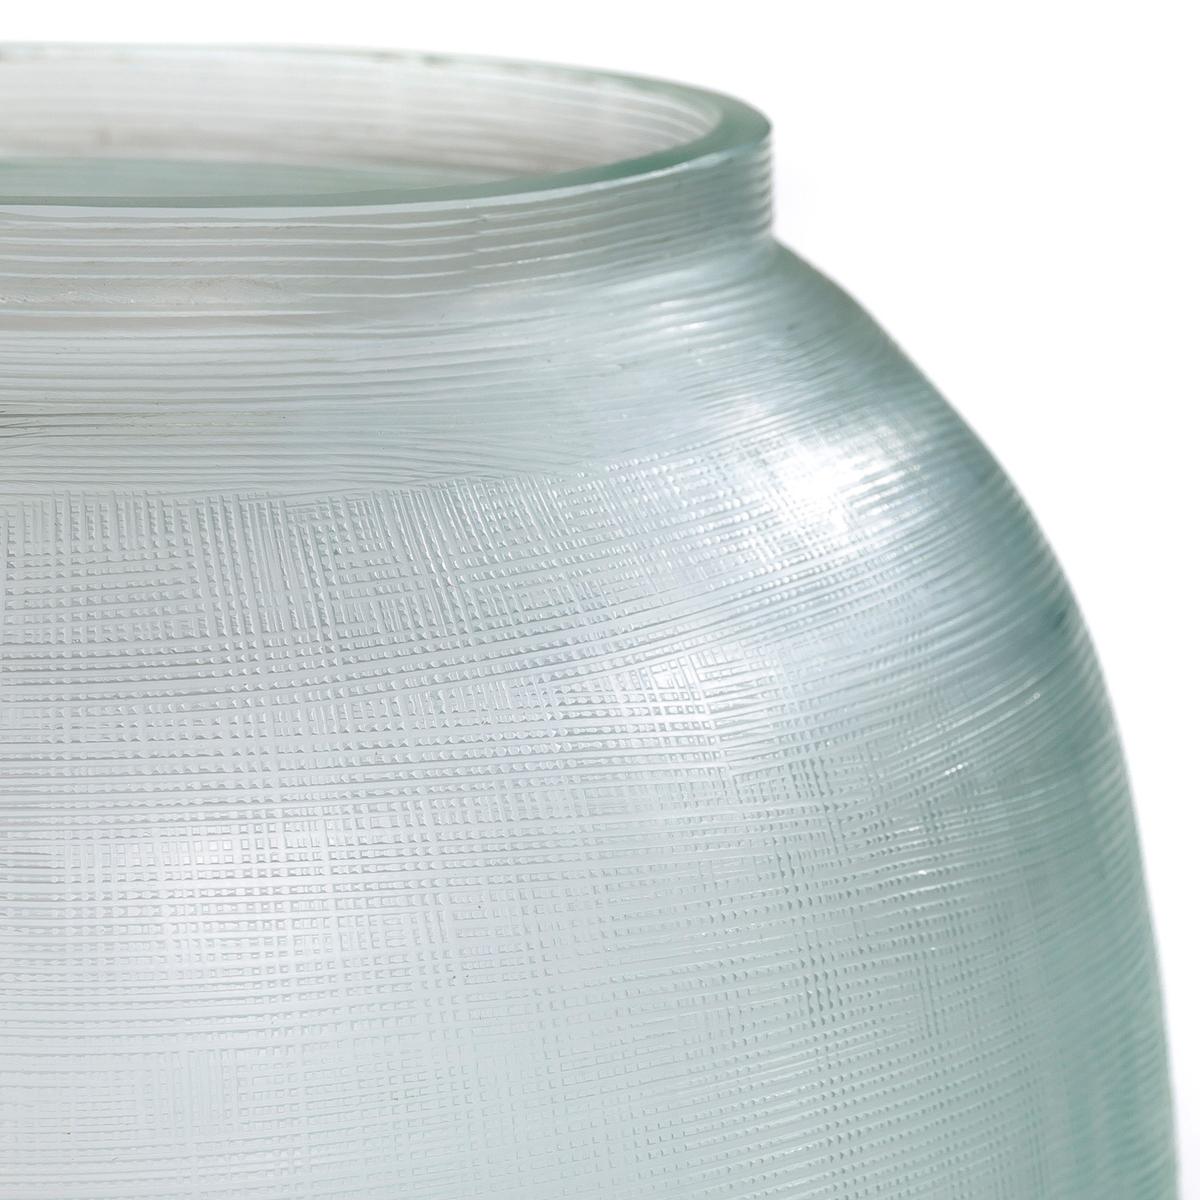 Ваза BirgitНебольшая ваза из стекла с бороздками  .Диаметр 21 x высота 25 см .<br><br>Цвет: небесно-голубой